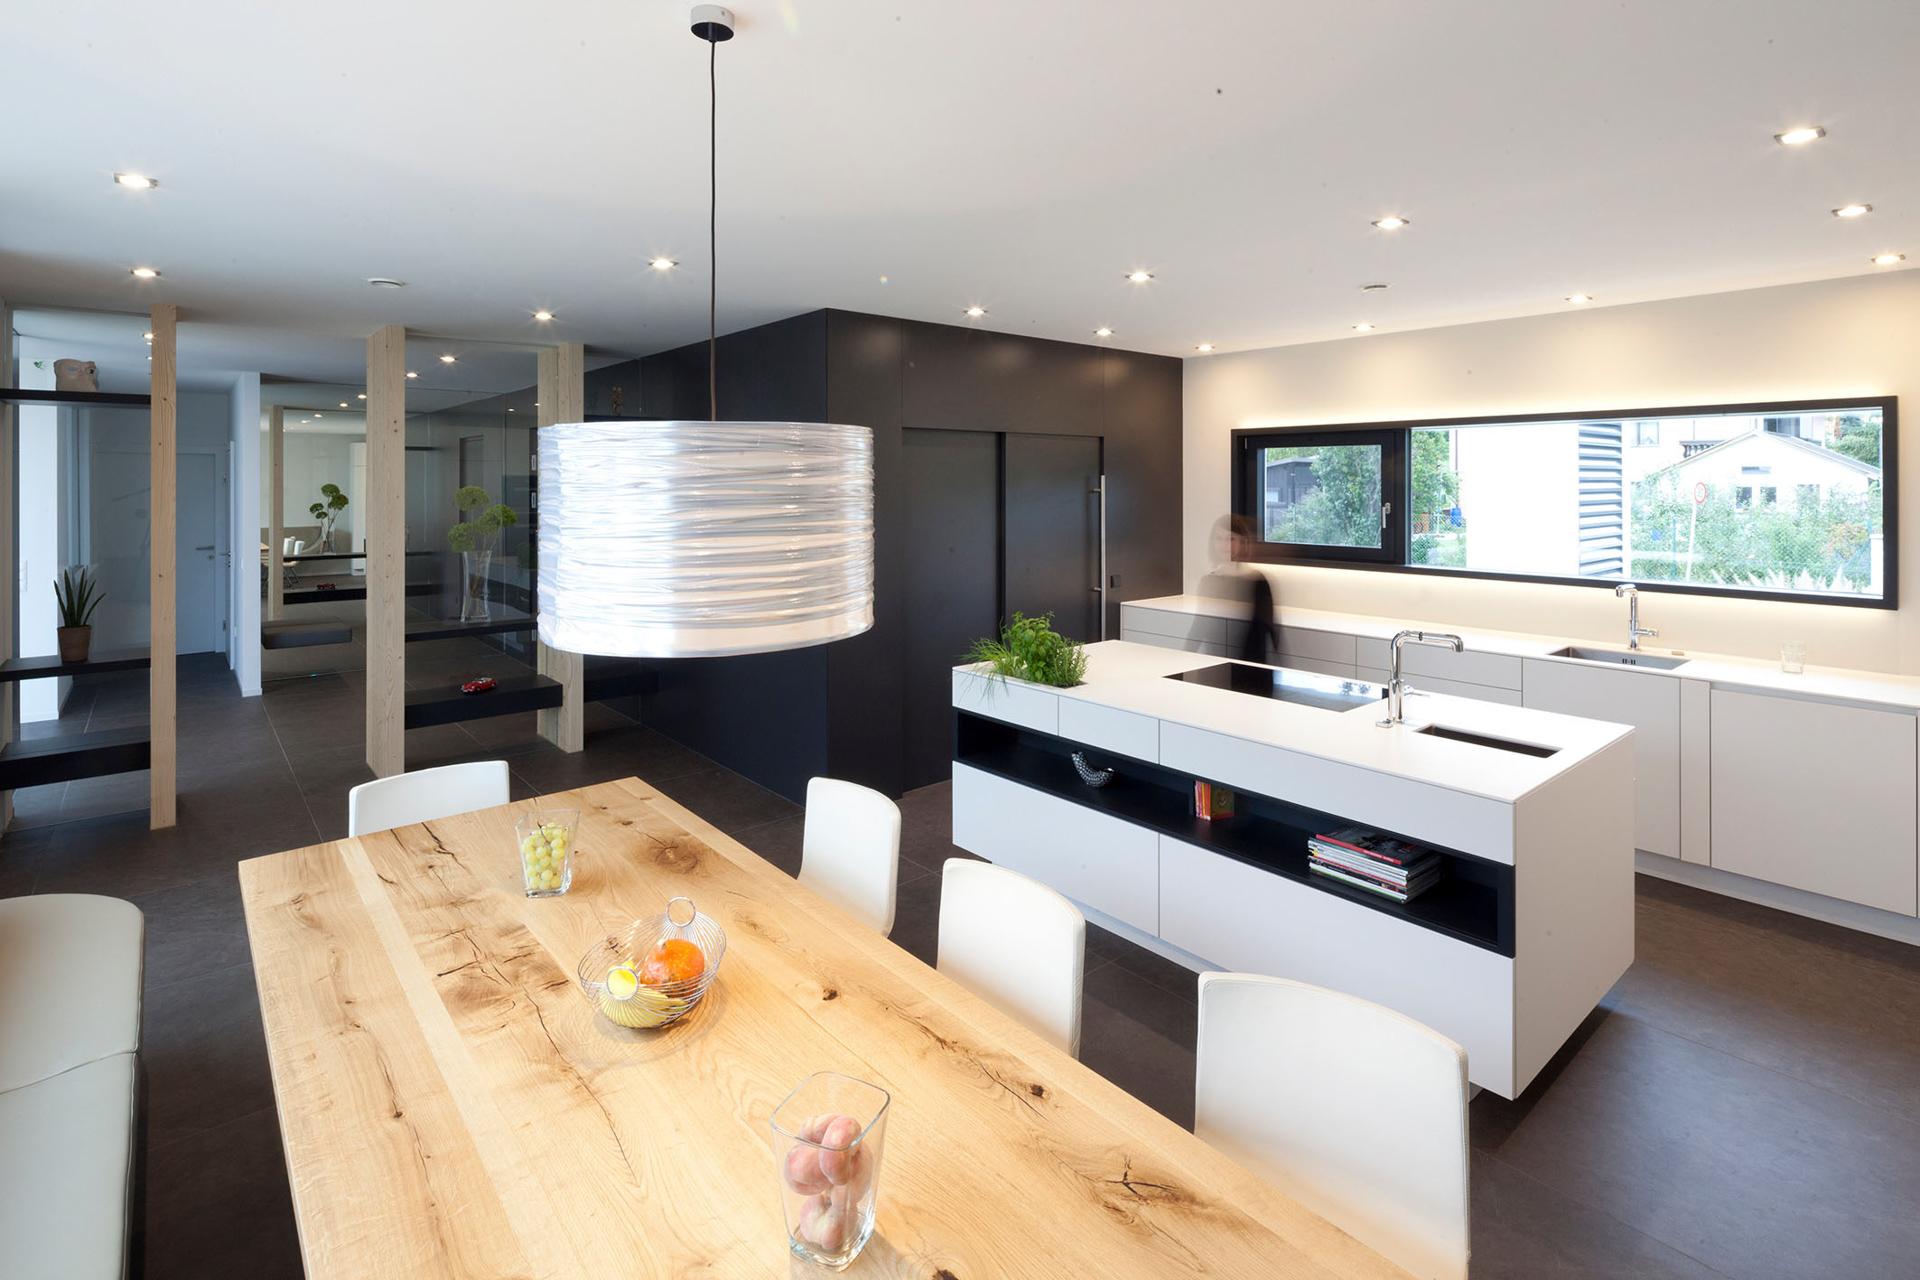 Innenansicht der Küche in einem Bungalow der Paschinger Architekten